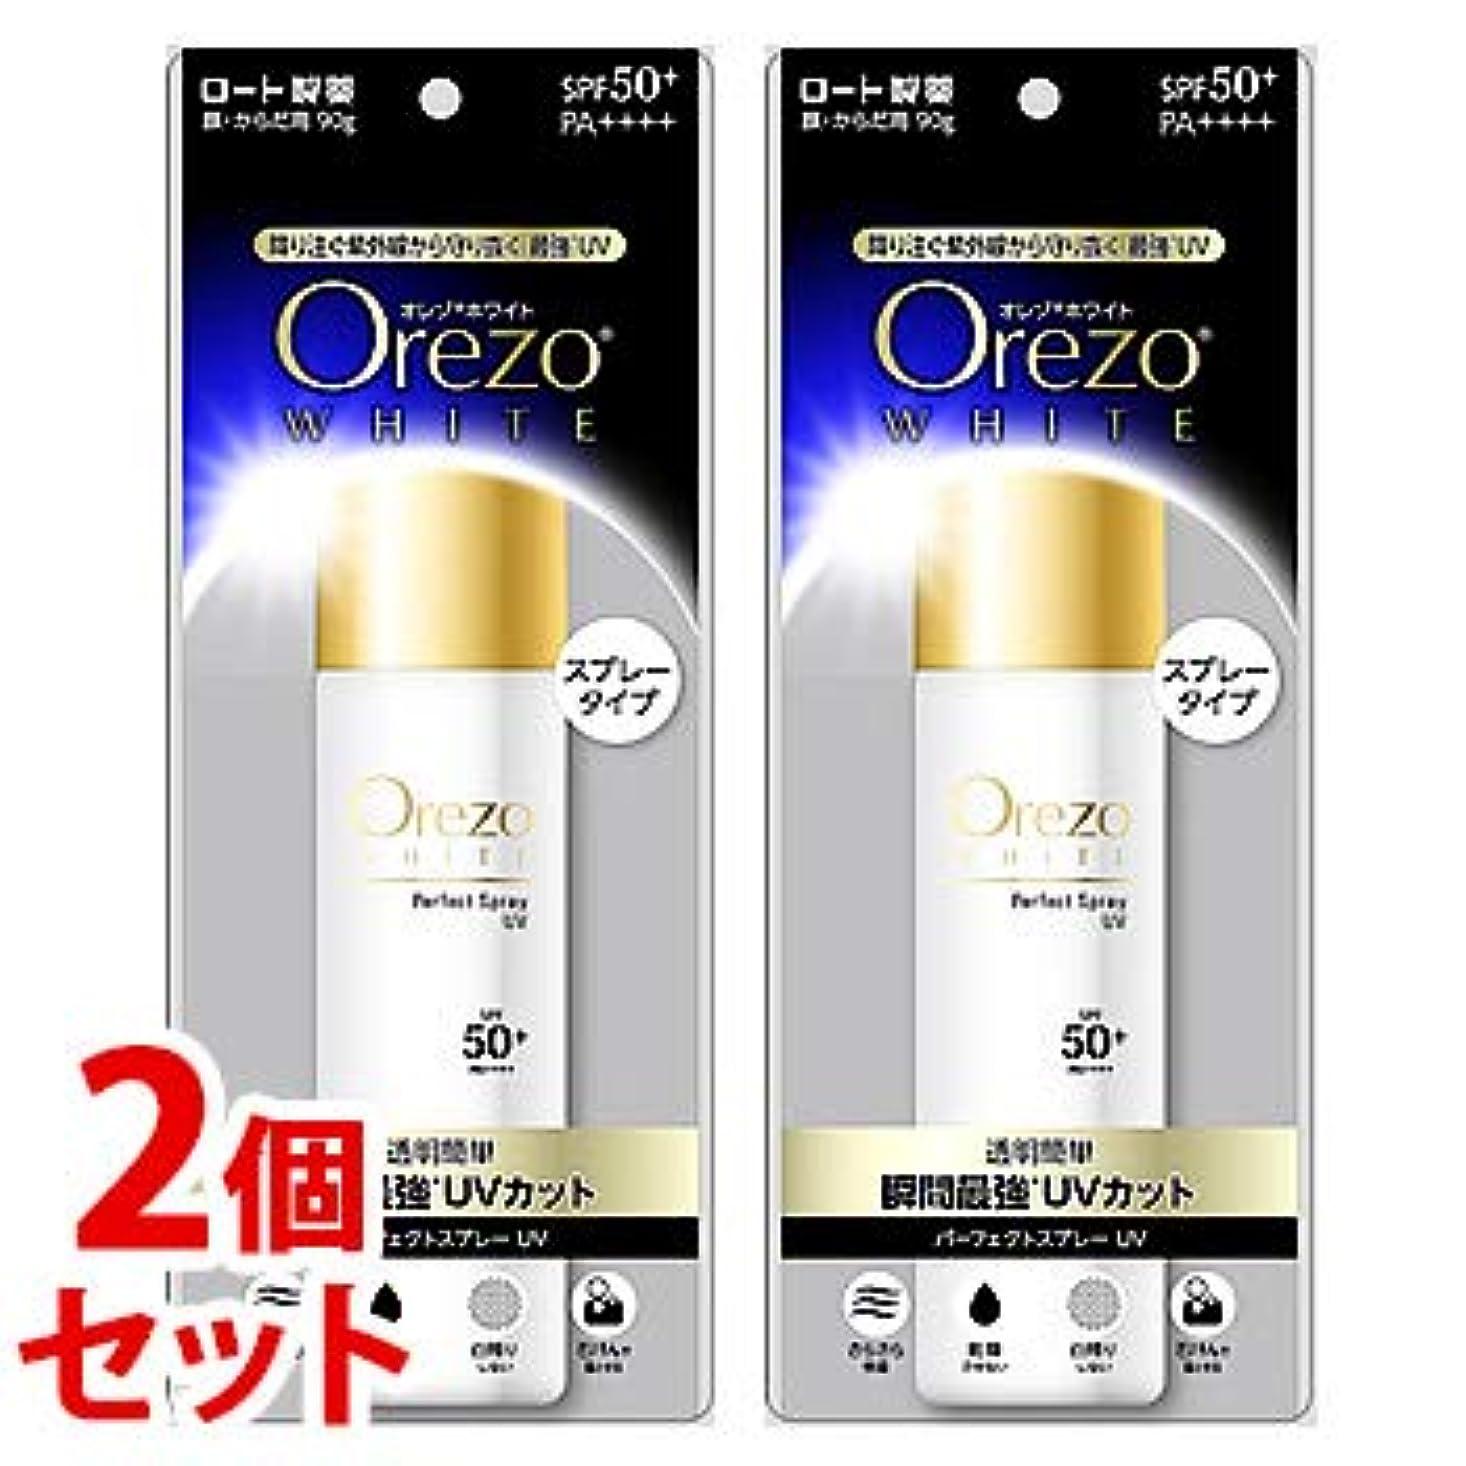 振動する衣服惑星《セット販売》 ロート製薬 Orezo オレゾ ホワイト パーフェクトスプレーUV SPF50+ PA++++ (90g)×2個セット 顔?からだ用 日やけ止め スプレータイプ